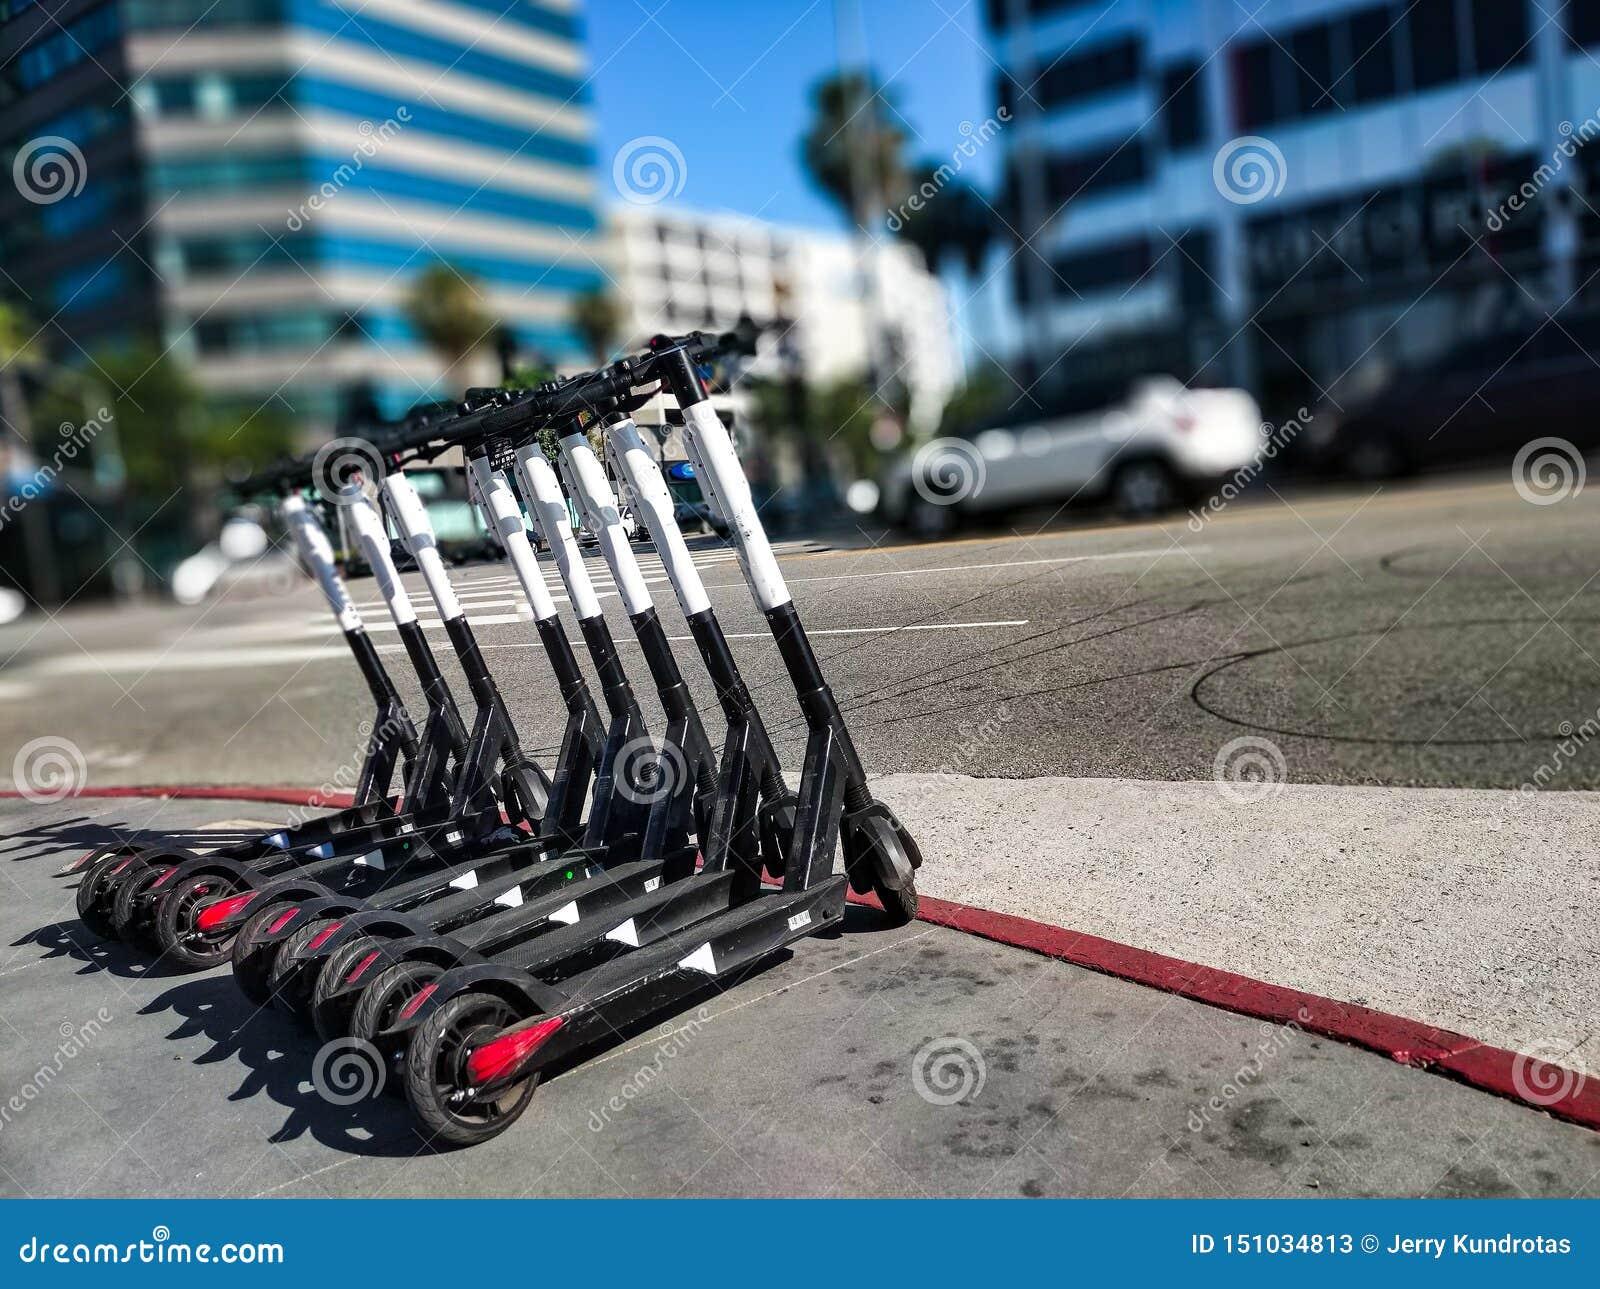 应用程序根据排队的滑行车等候他们的下个车手